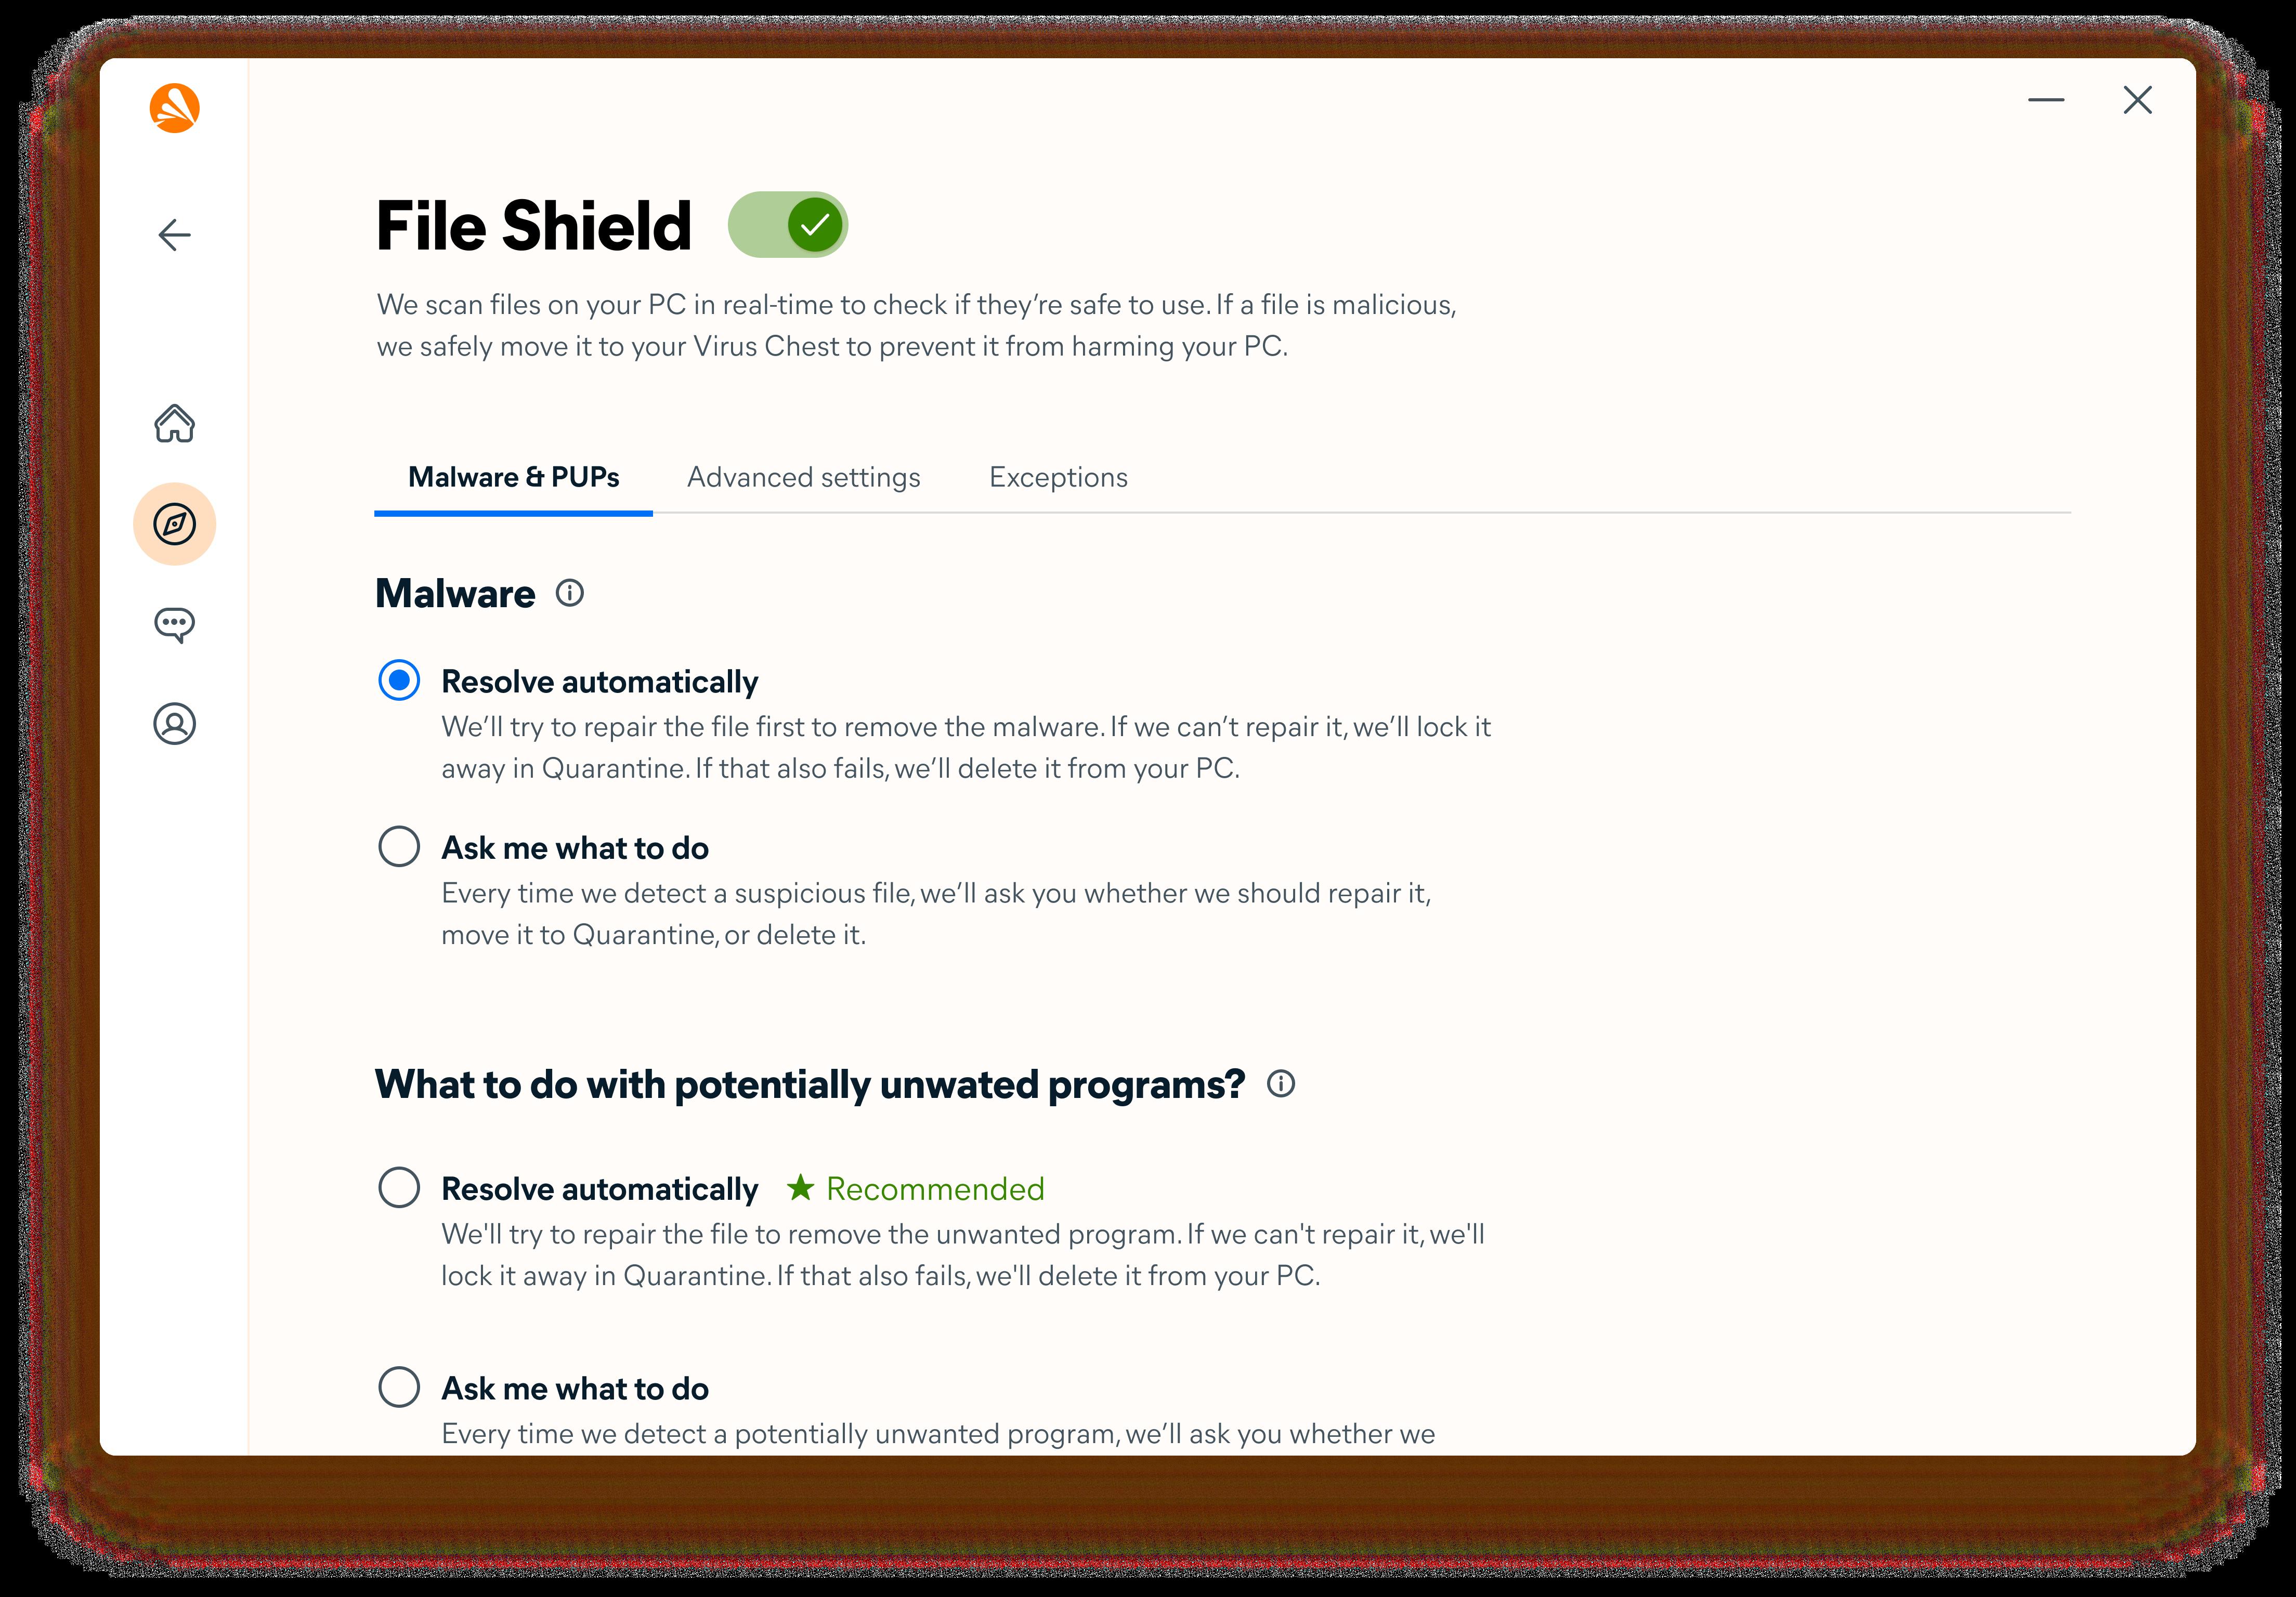 File Shield